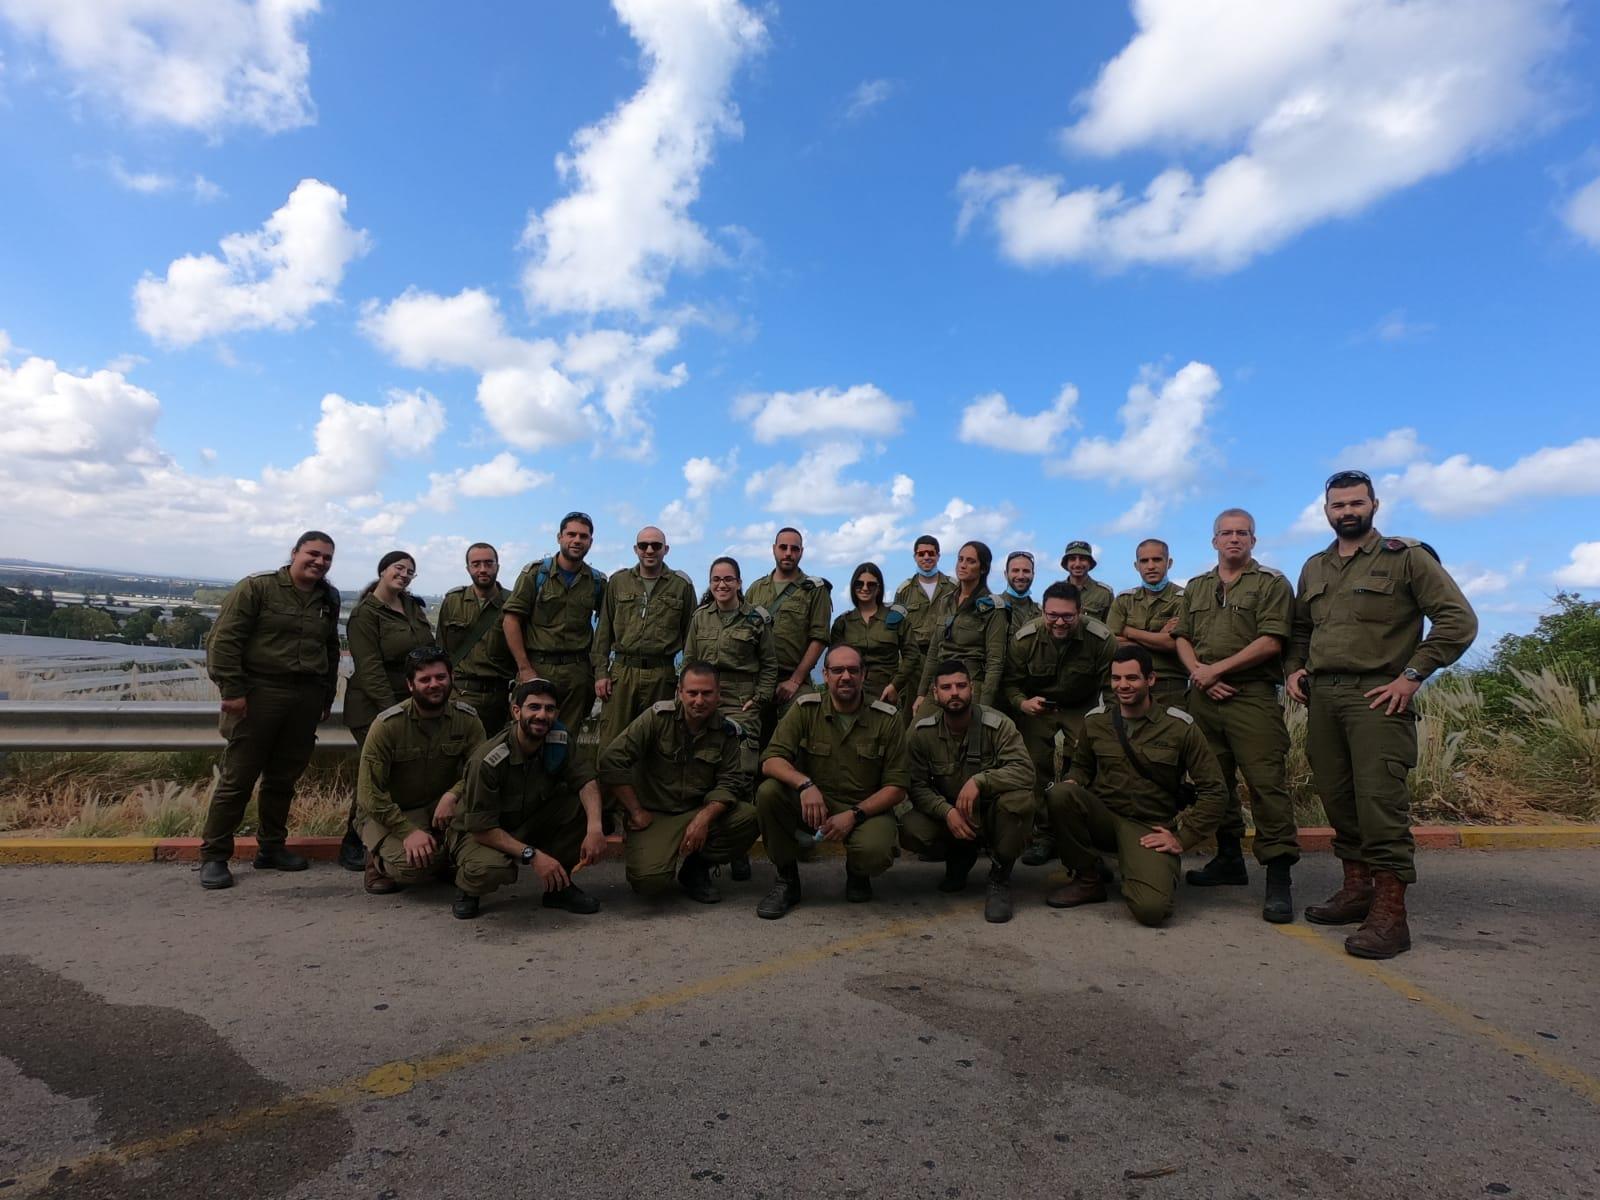 גדוד התקשוב של עוצבת המפץ, גדוד המילואים 7049 קיבל את אות הצטיינות הנשיא